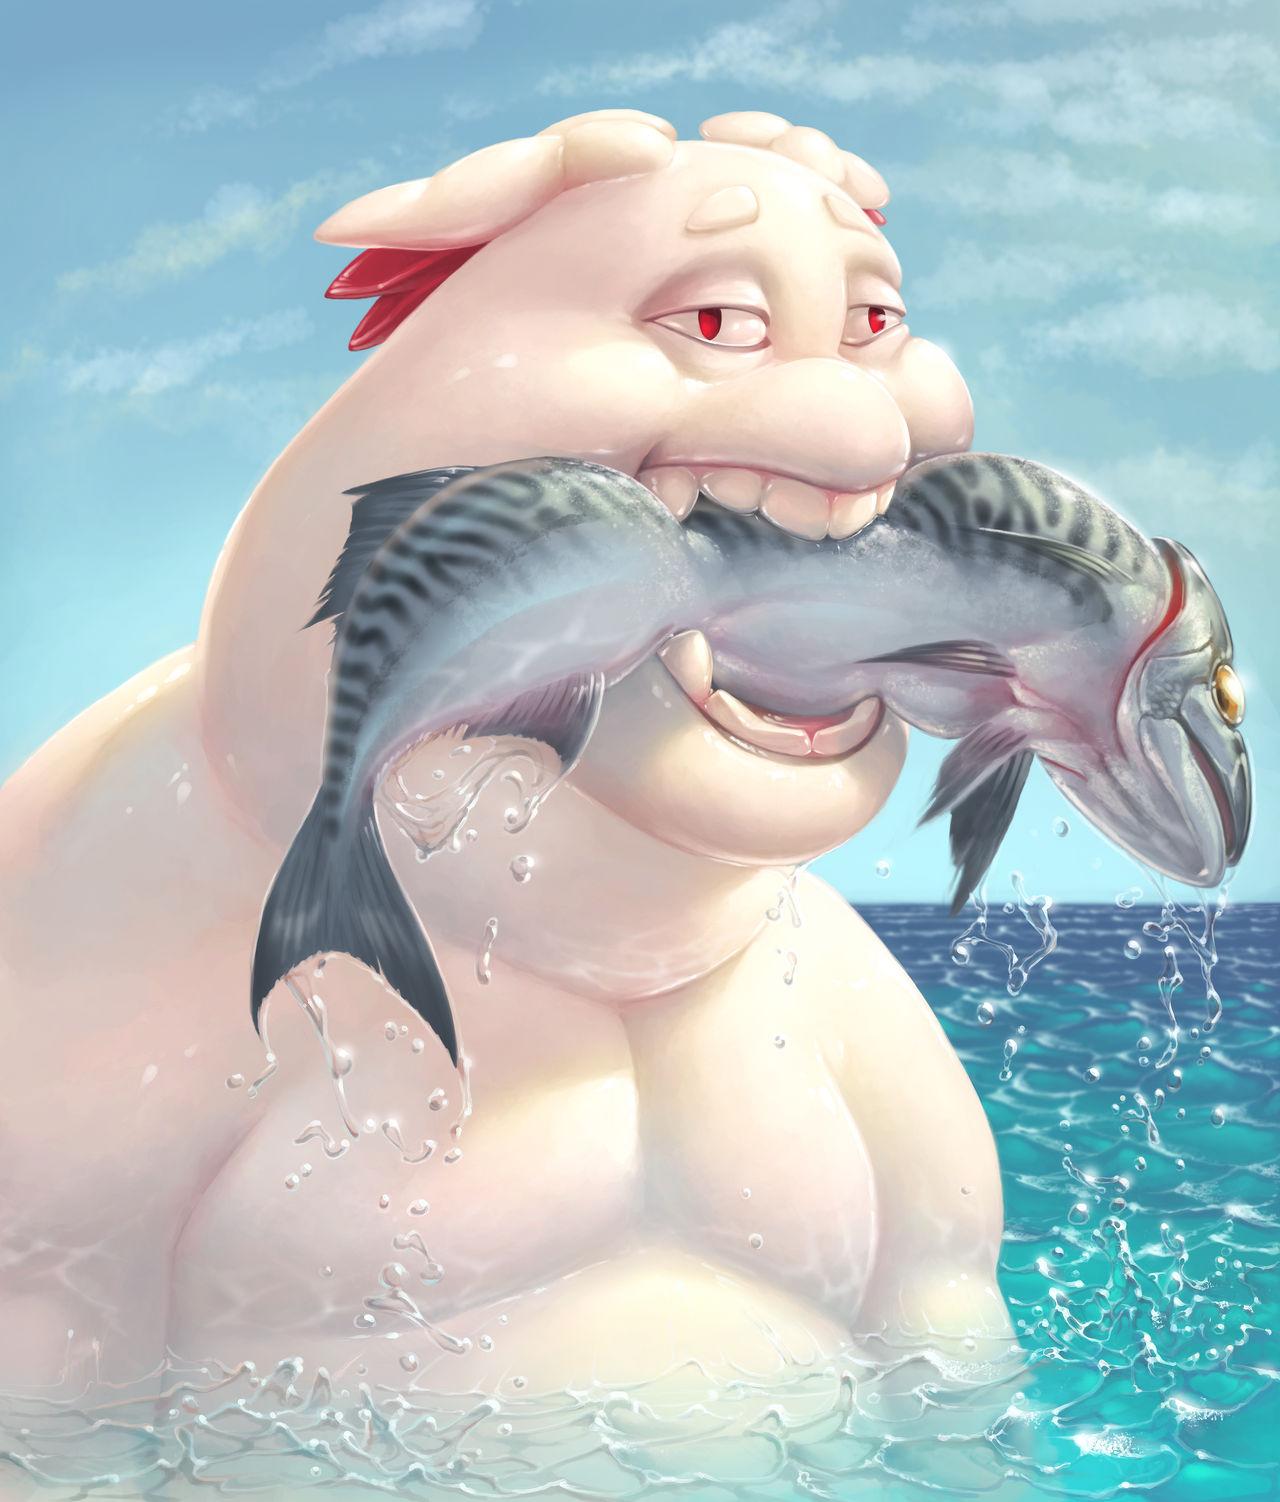 Delish-fish